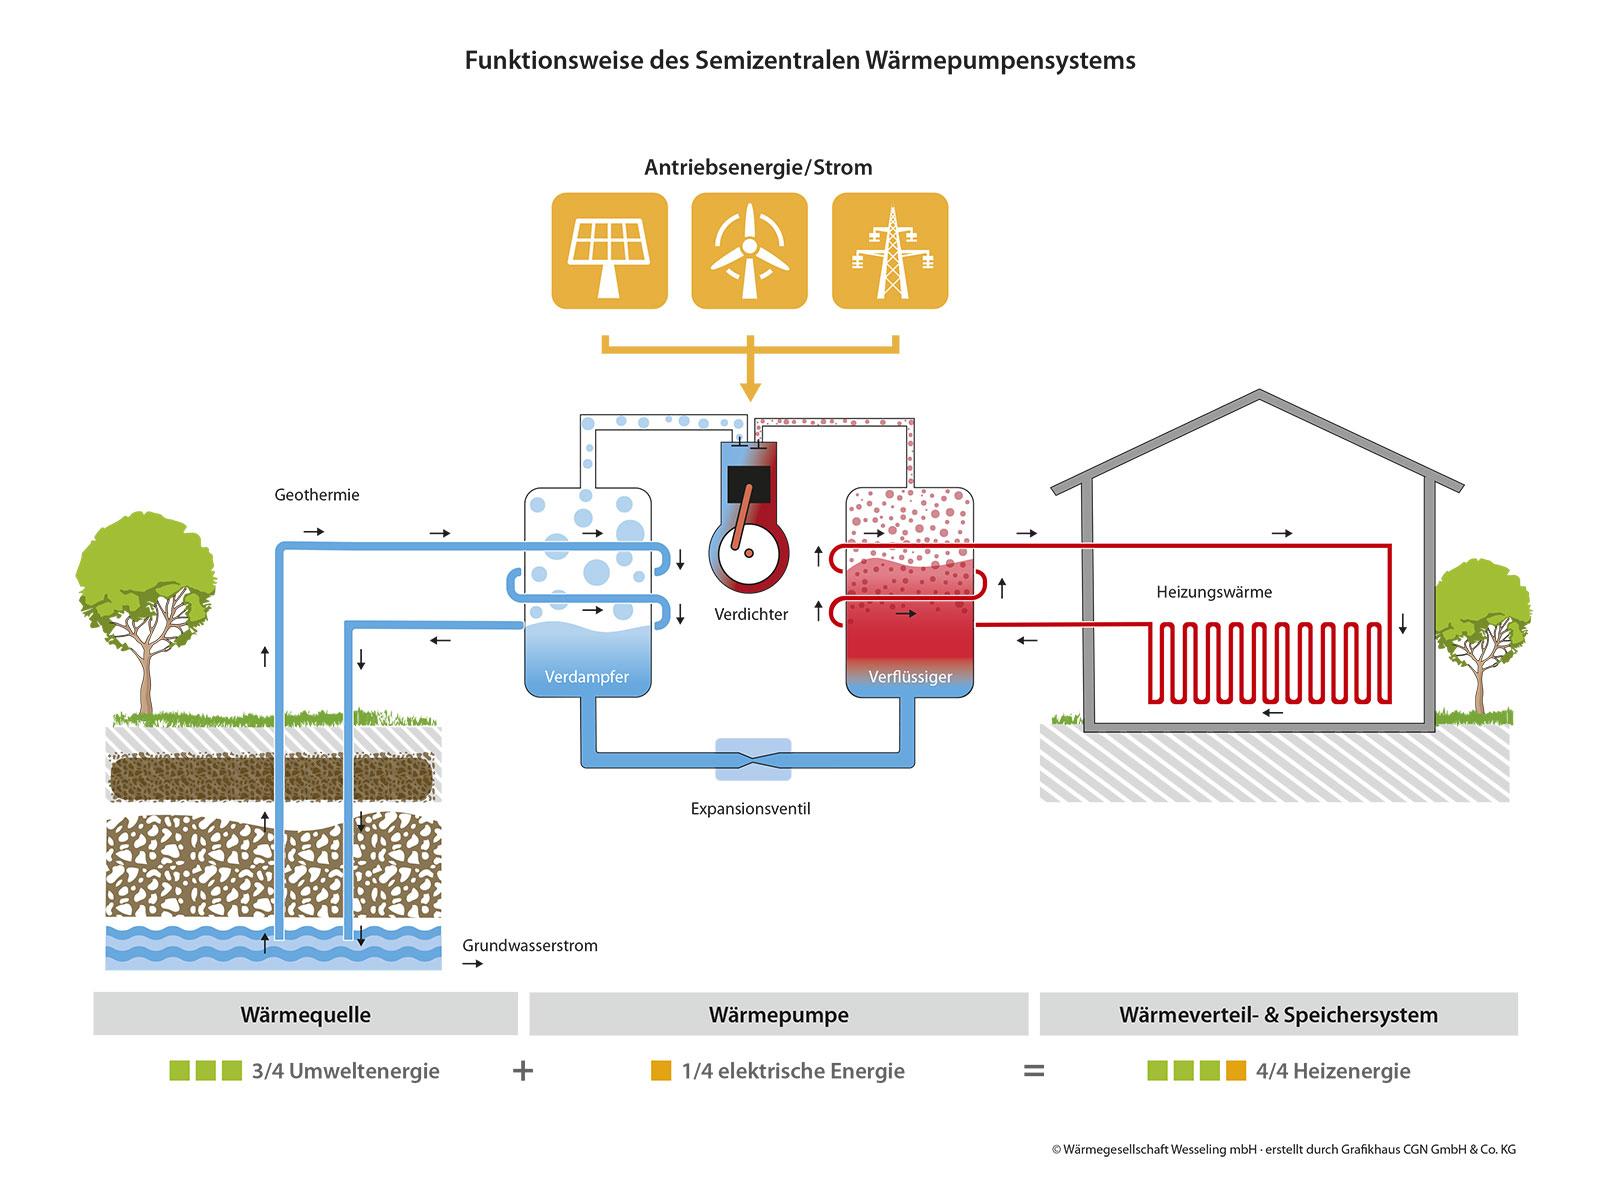 Abb.2: Funktionsweise des Semizentralen Wärmepumpensystem